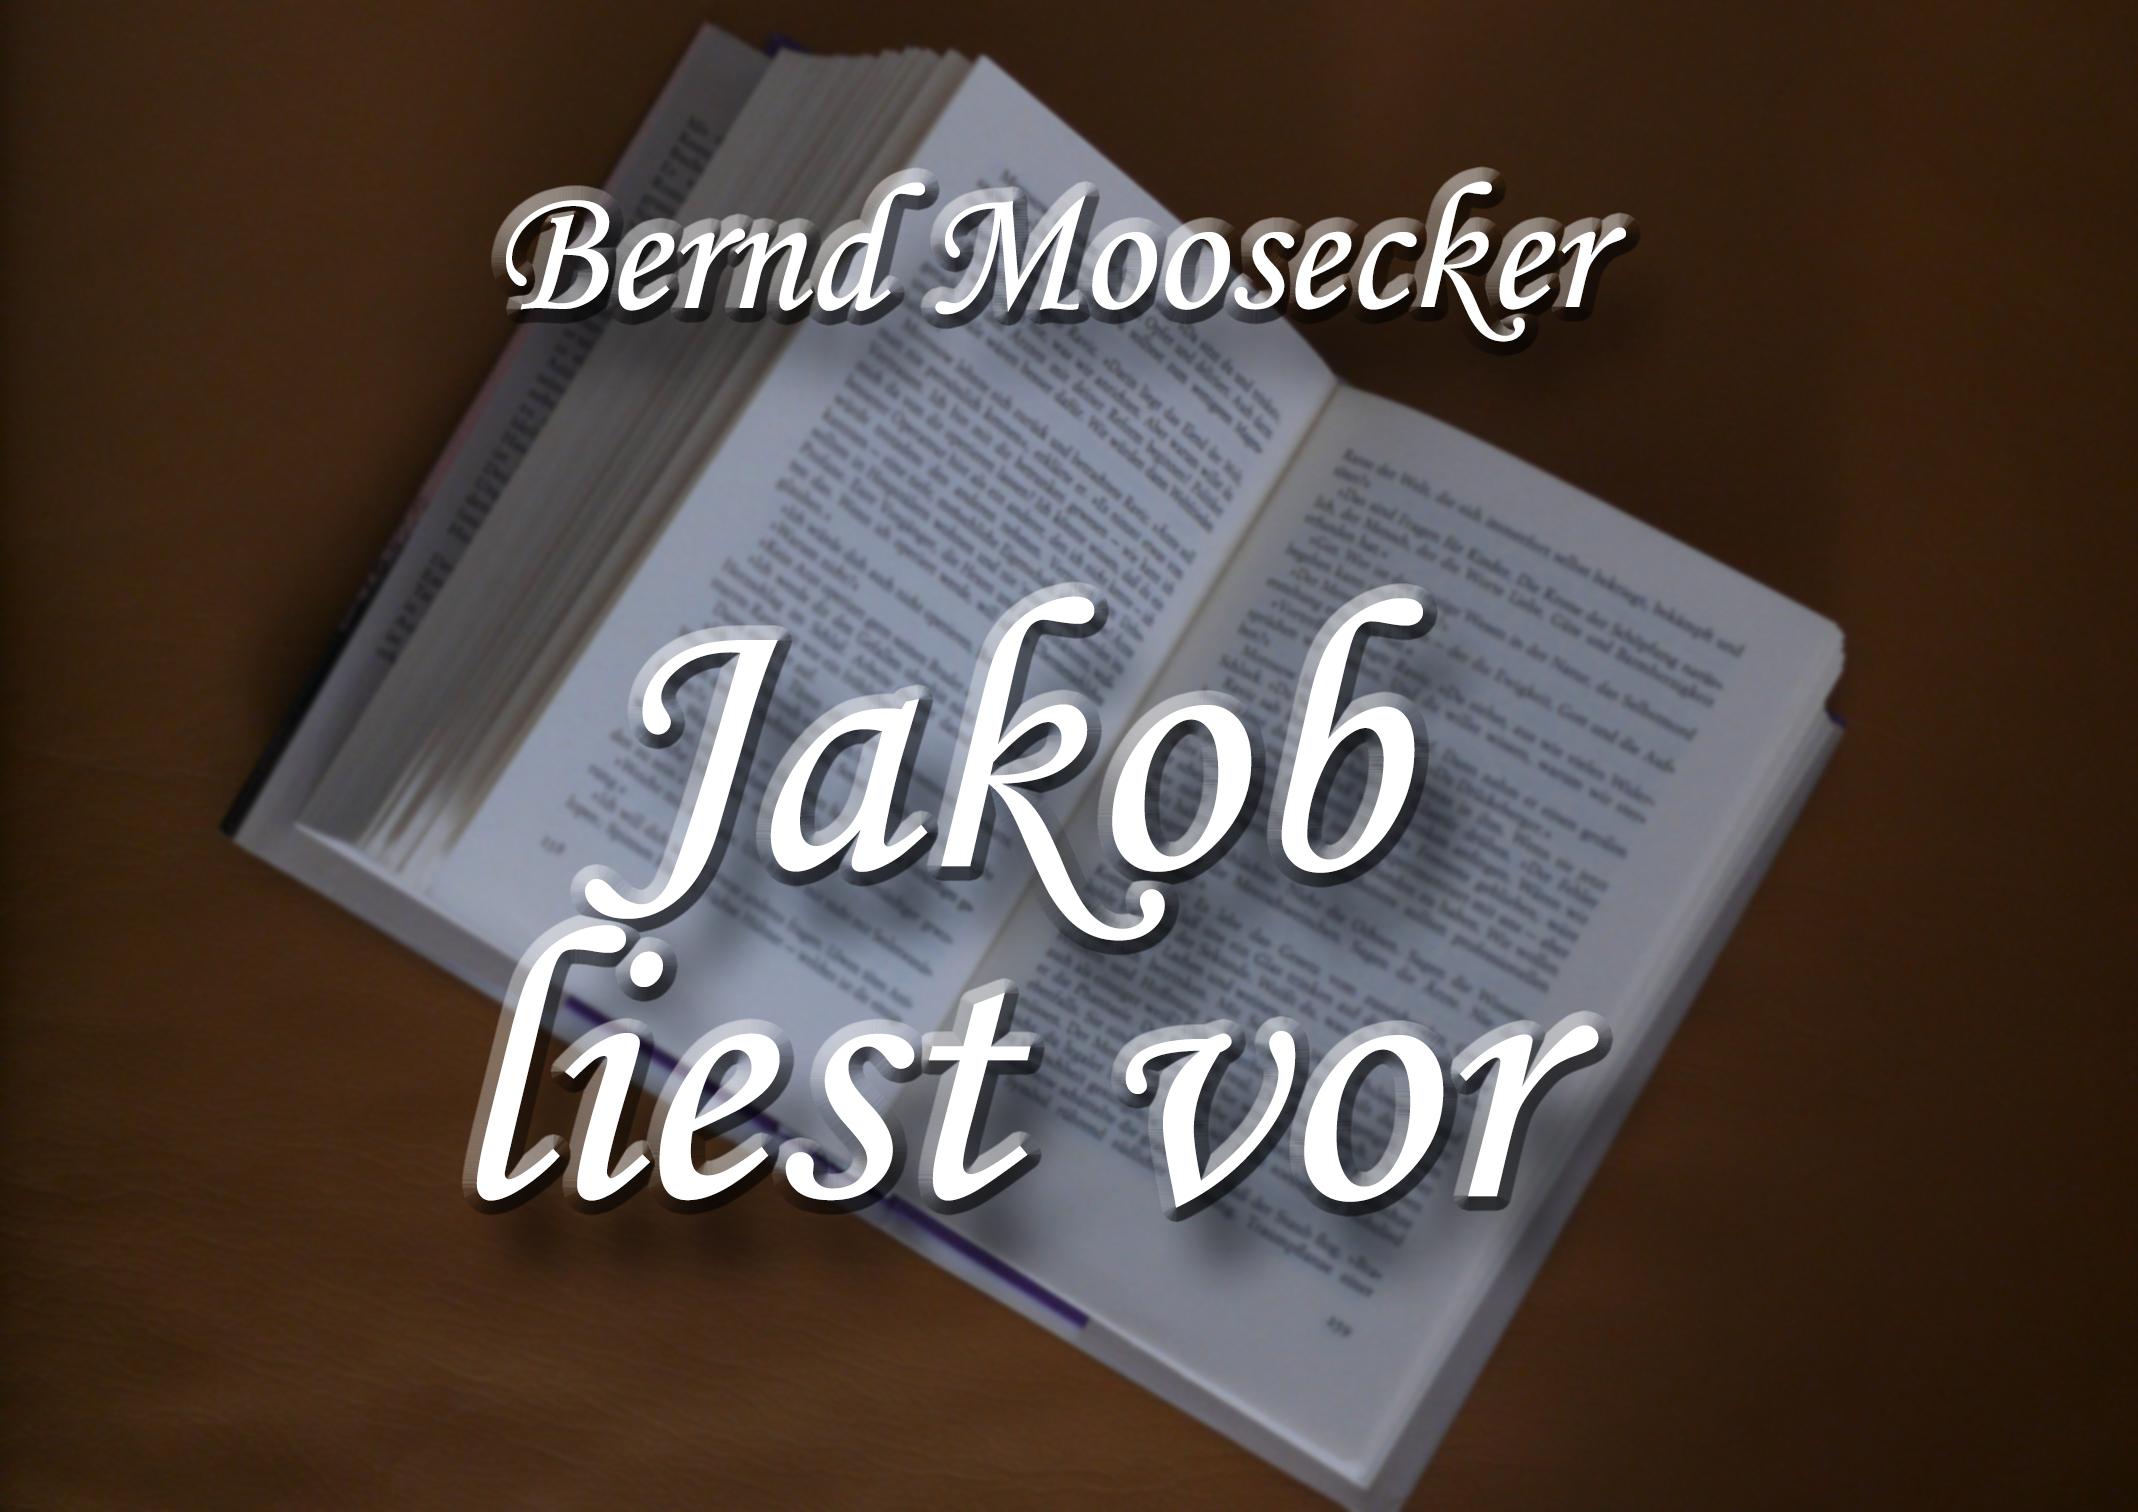 """Titelbild der Readlist """"Jakob liest vor"""""""